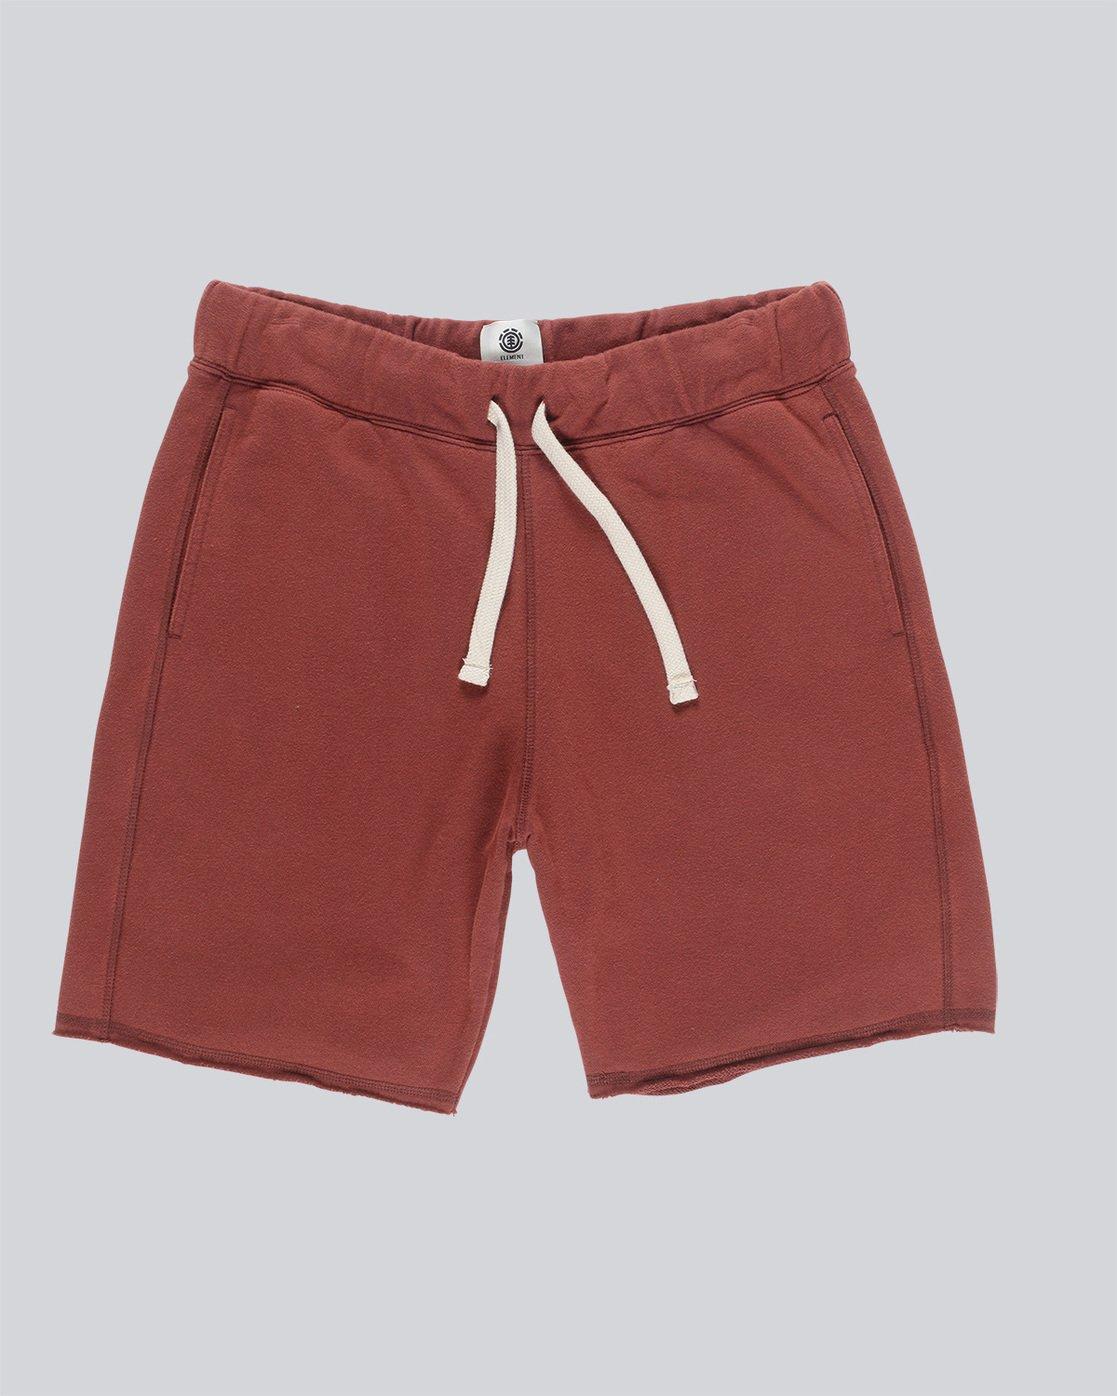 Neon Juice Short - shorts pour Homme N1WKC6